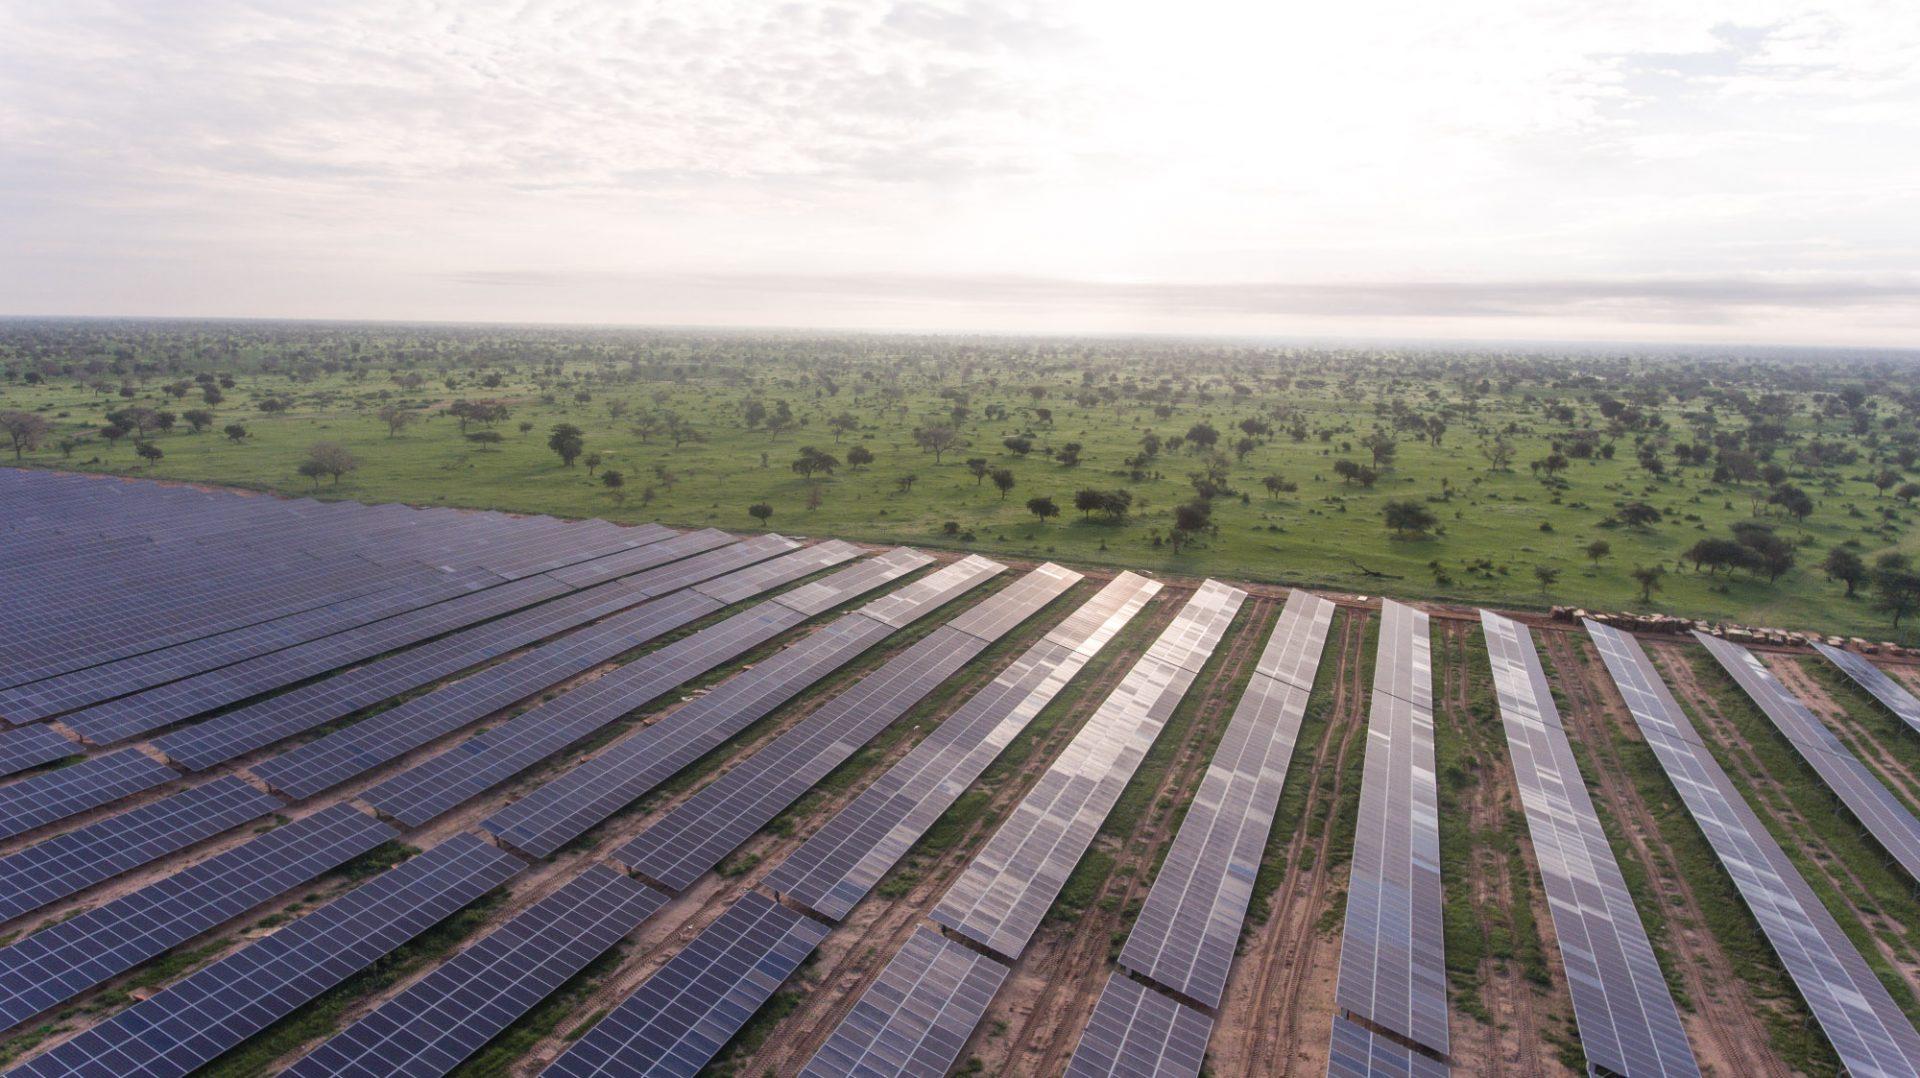 Solar panels on a vast plain